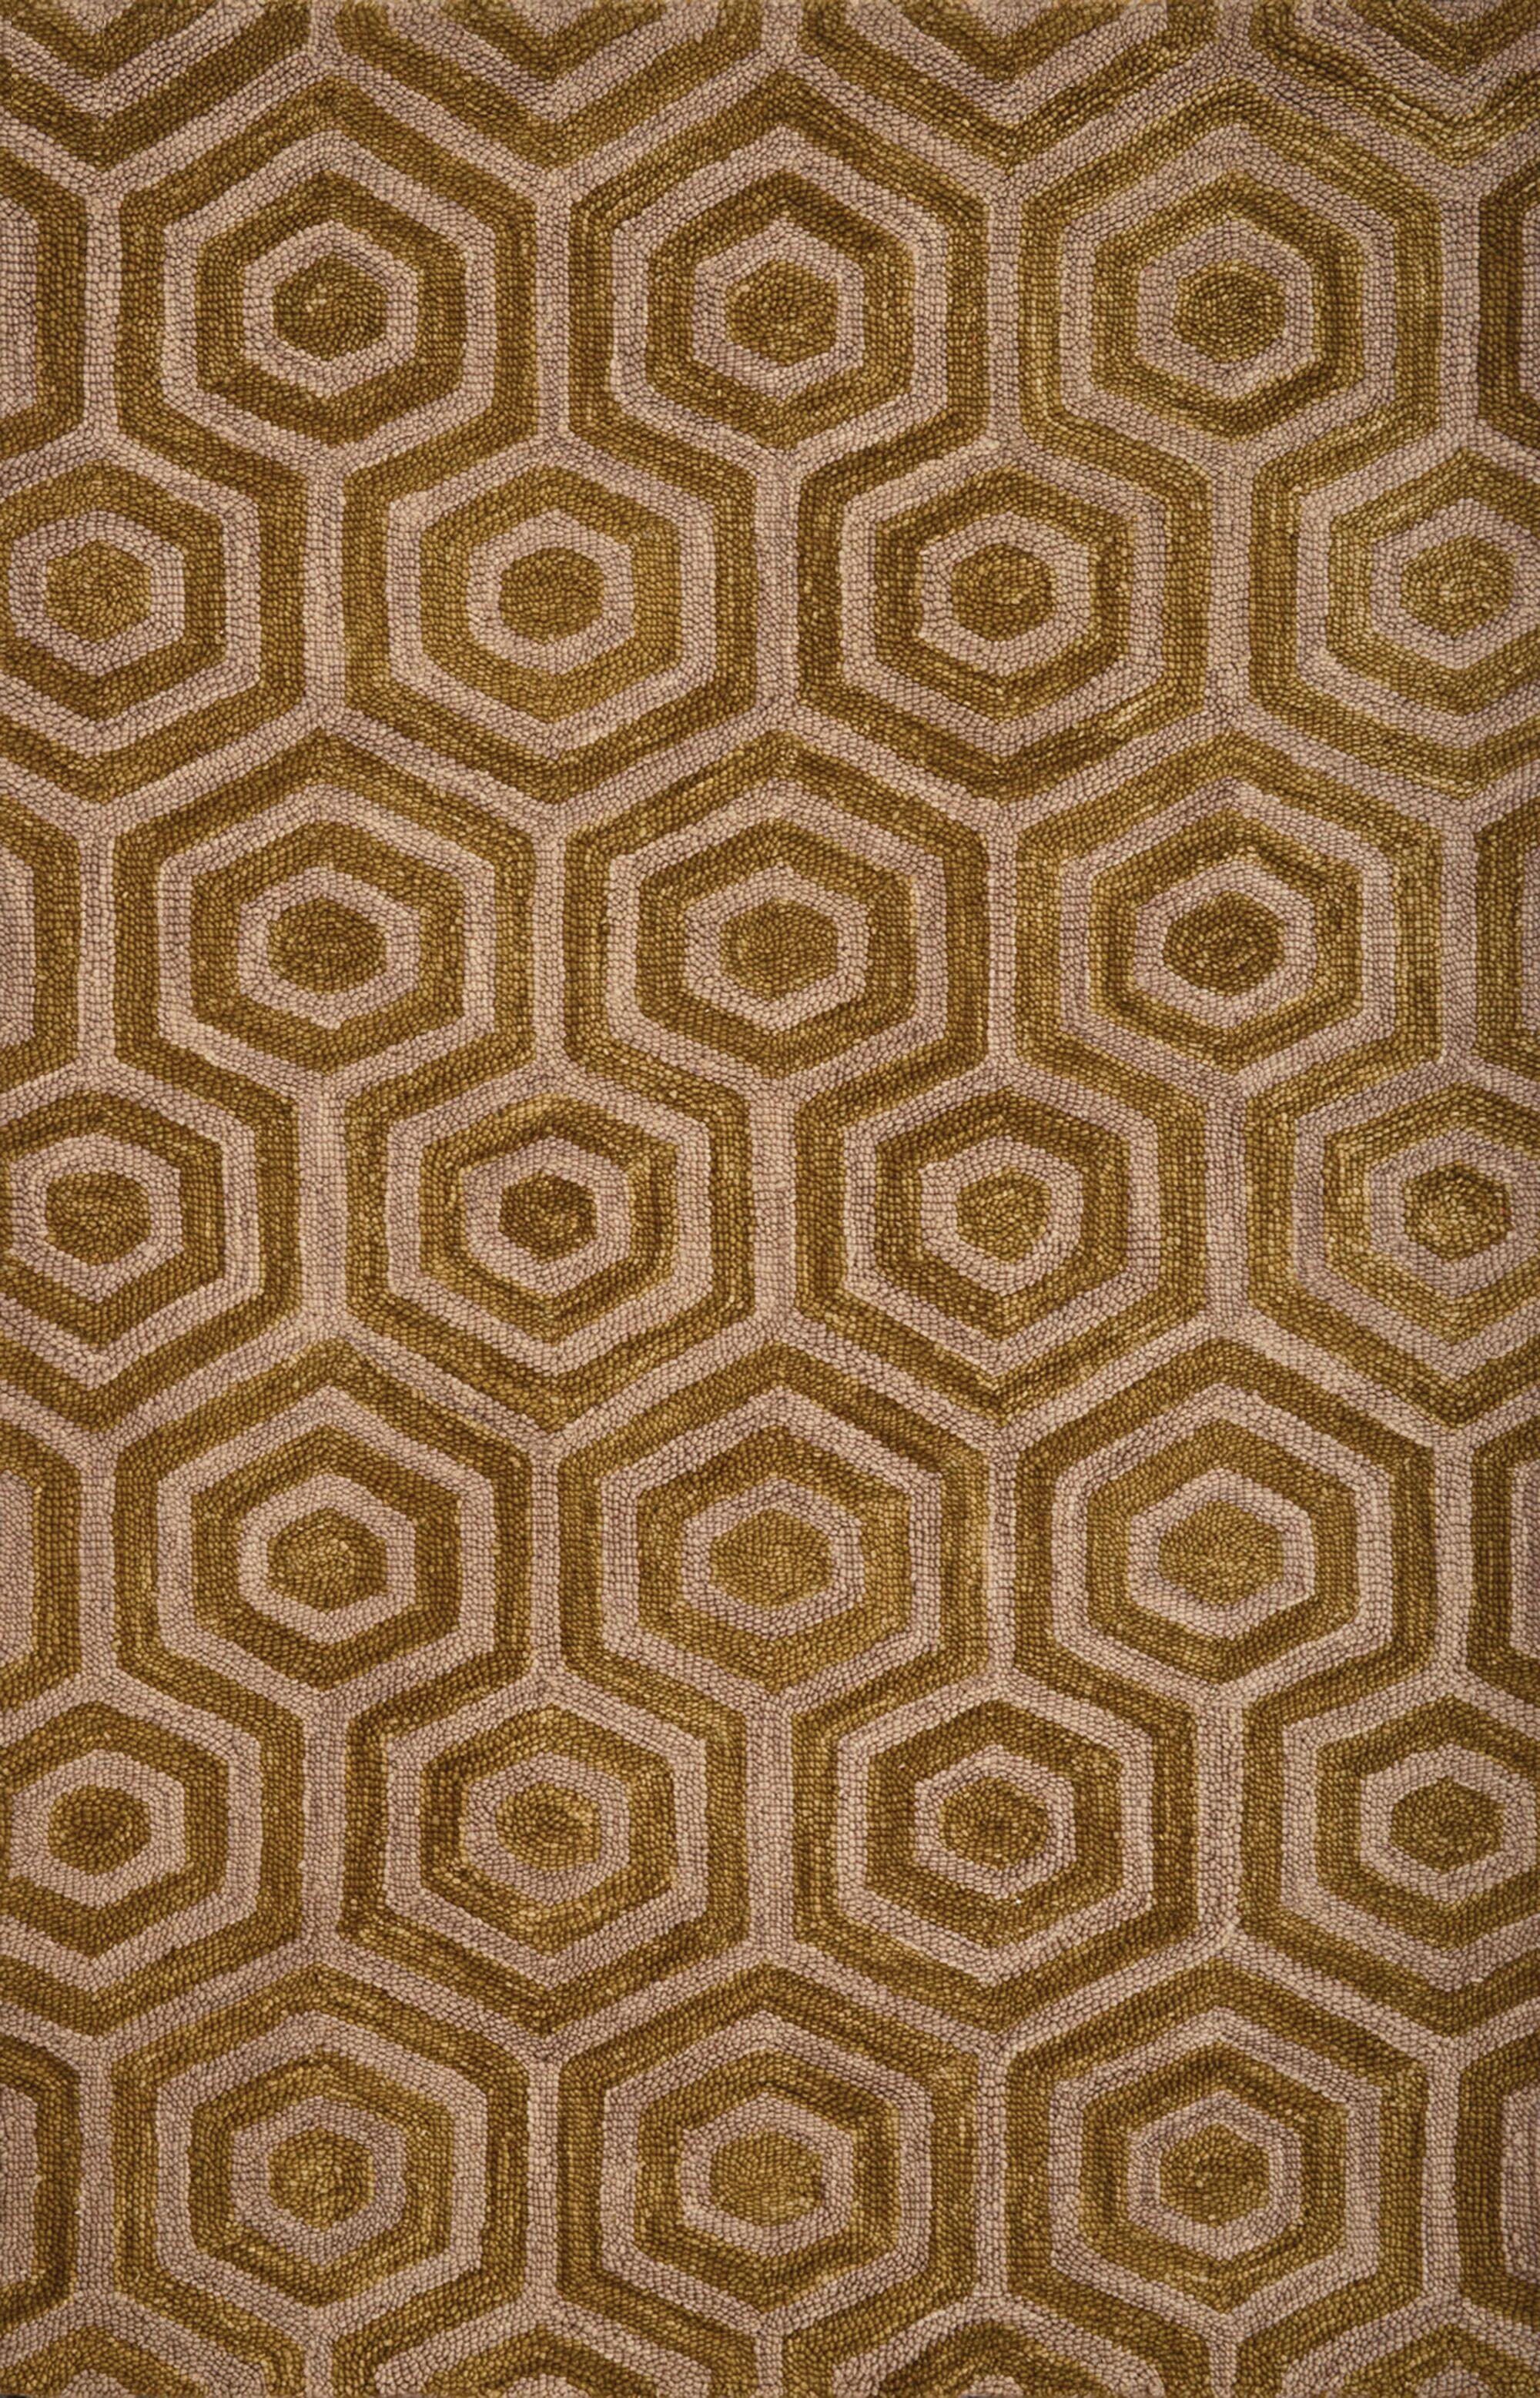 Adelheide Chartreuse/Beige Geometric Rug Rug Size: 5' x 8'